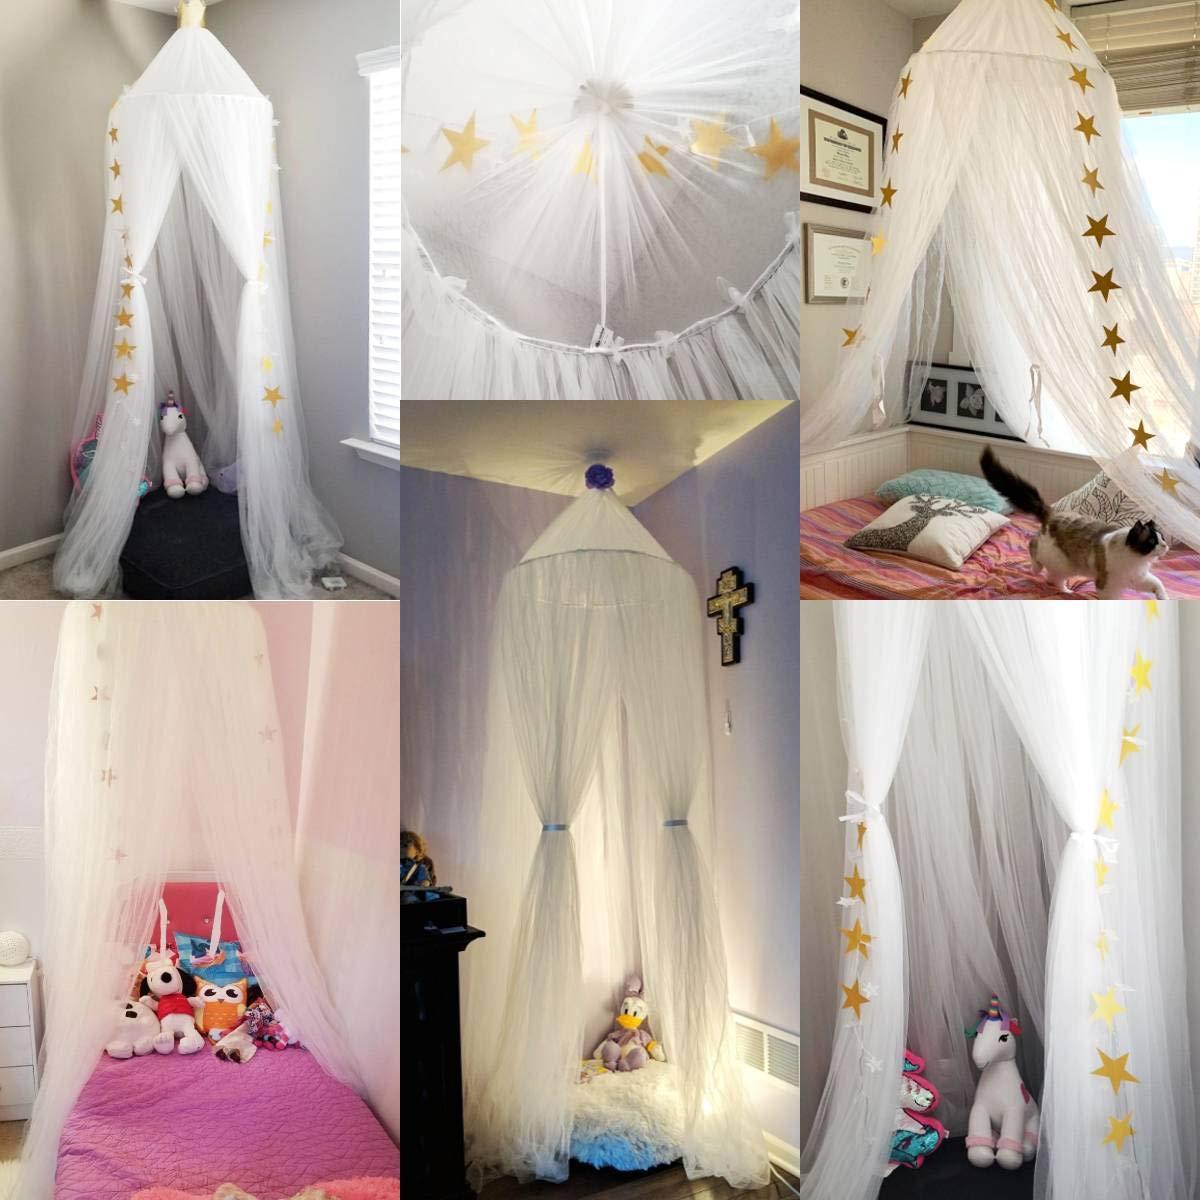 Amazon.com: Dix-Rainbow cama toldo de lana Play tienda de ...